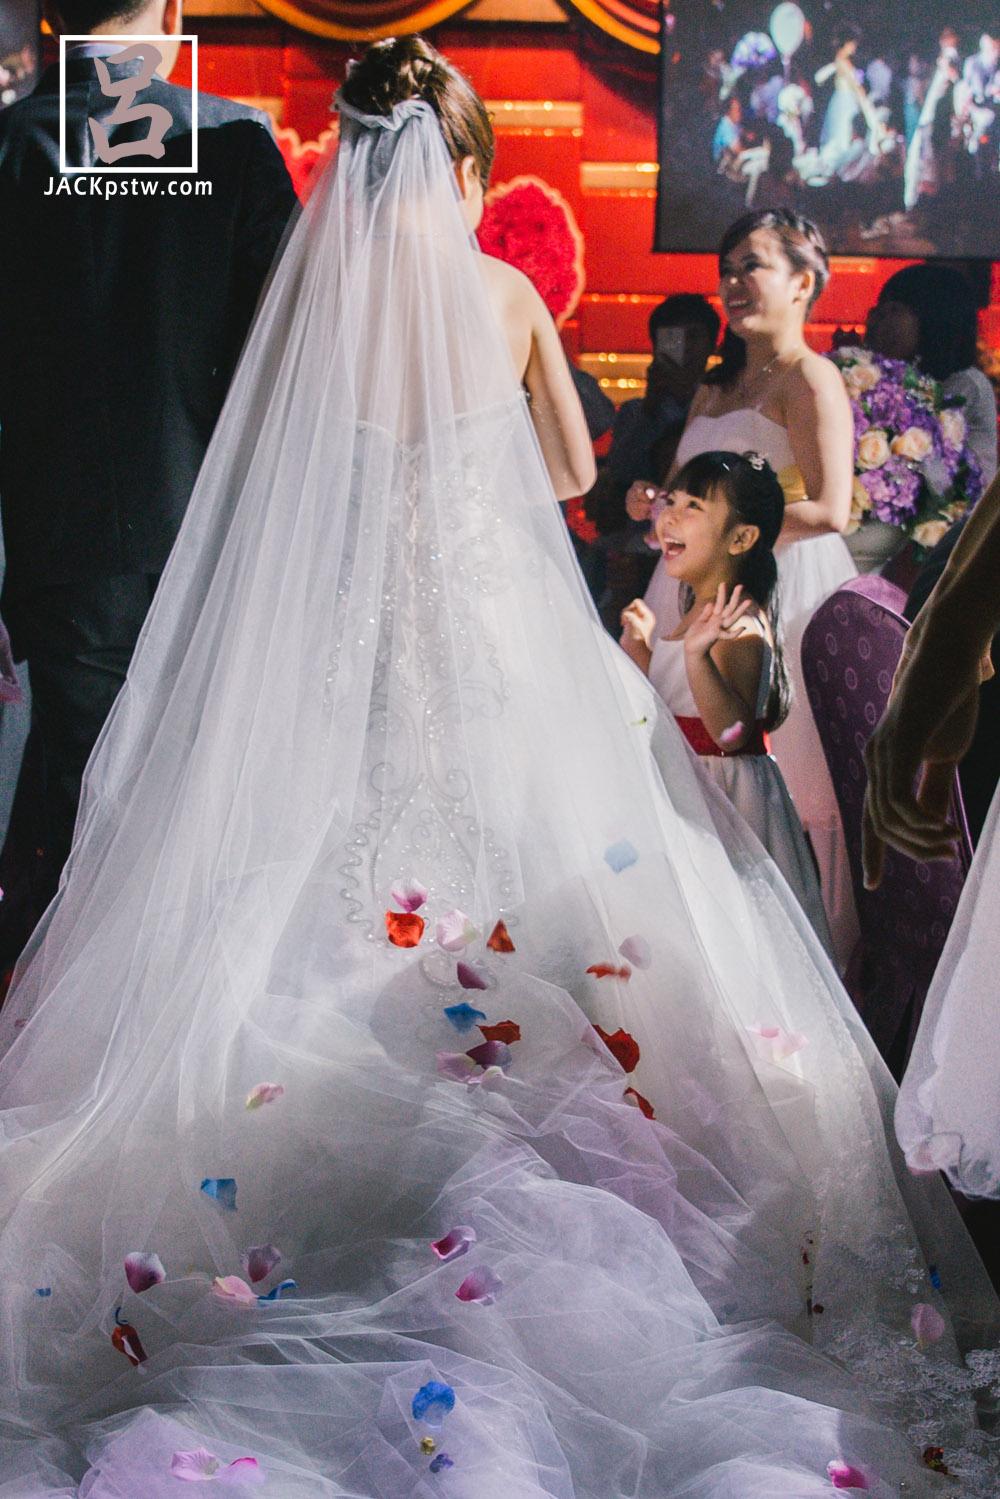 新娘進場時,小朋友看到現場燈光打在白紗,露出開心的表情